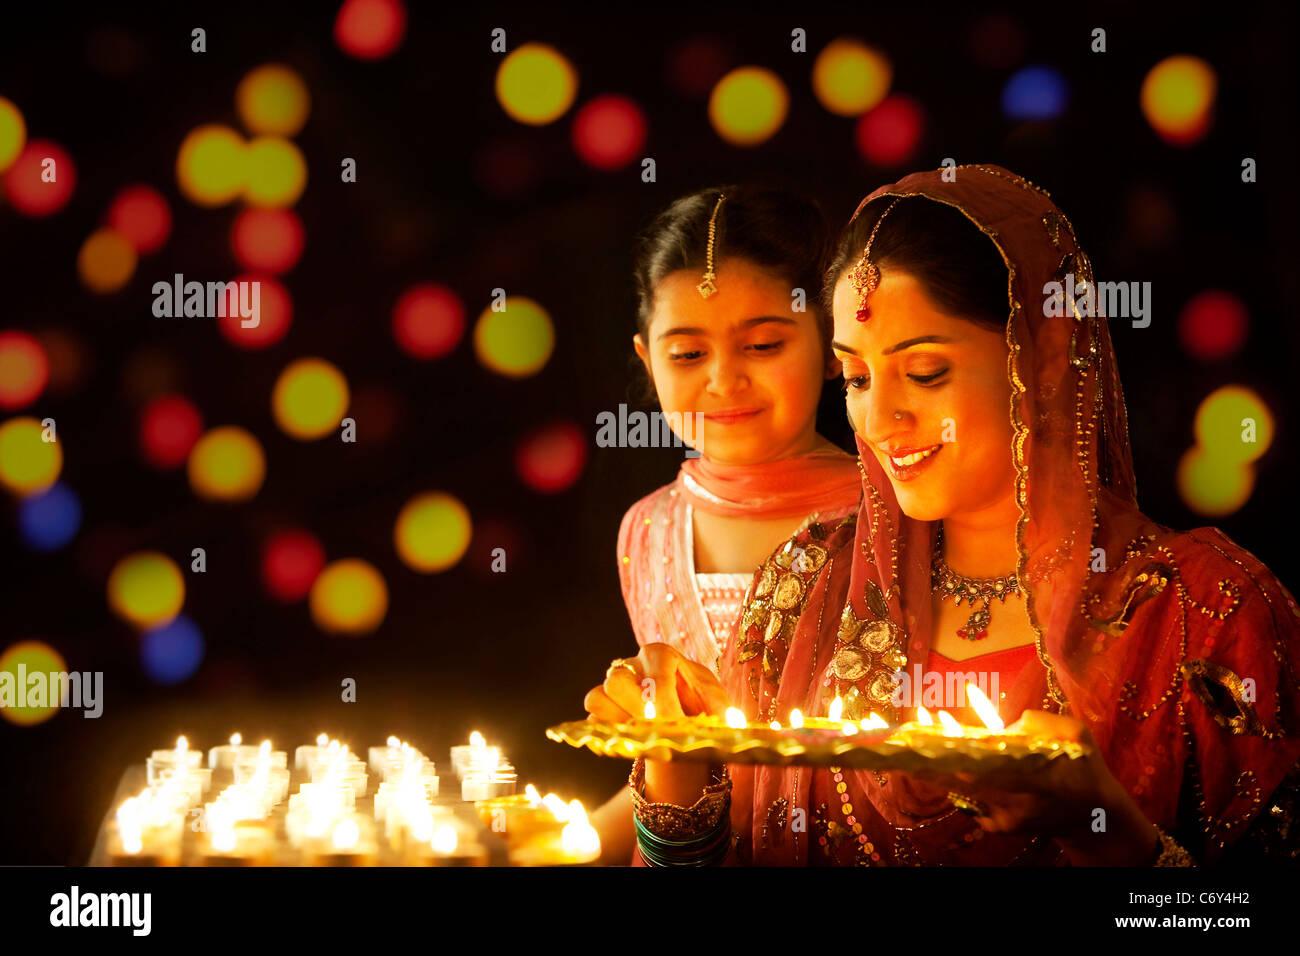 Mutter ein Tablett mit Diyas zu halten, während ihre Tochter blickt auf Stockbild